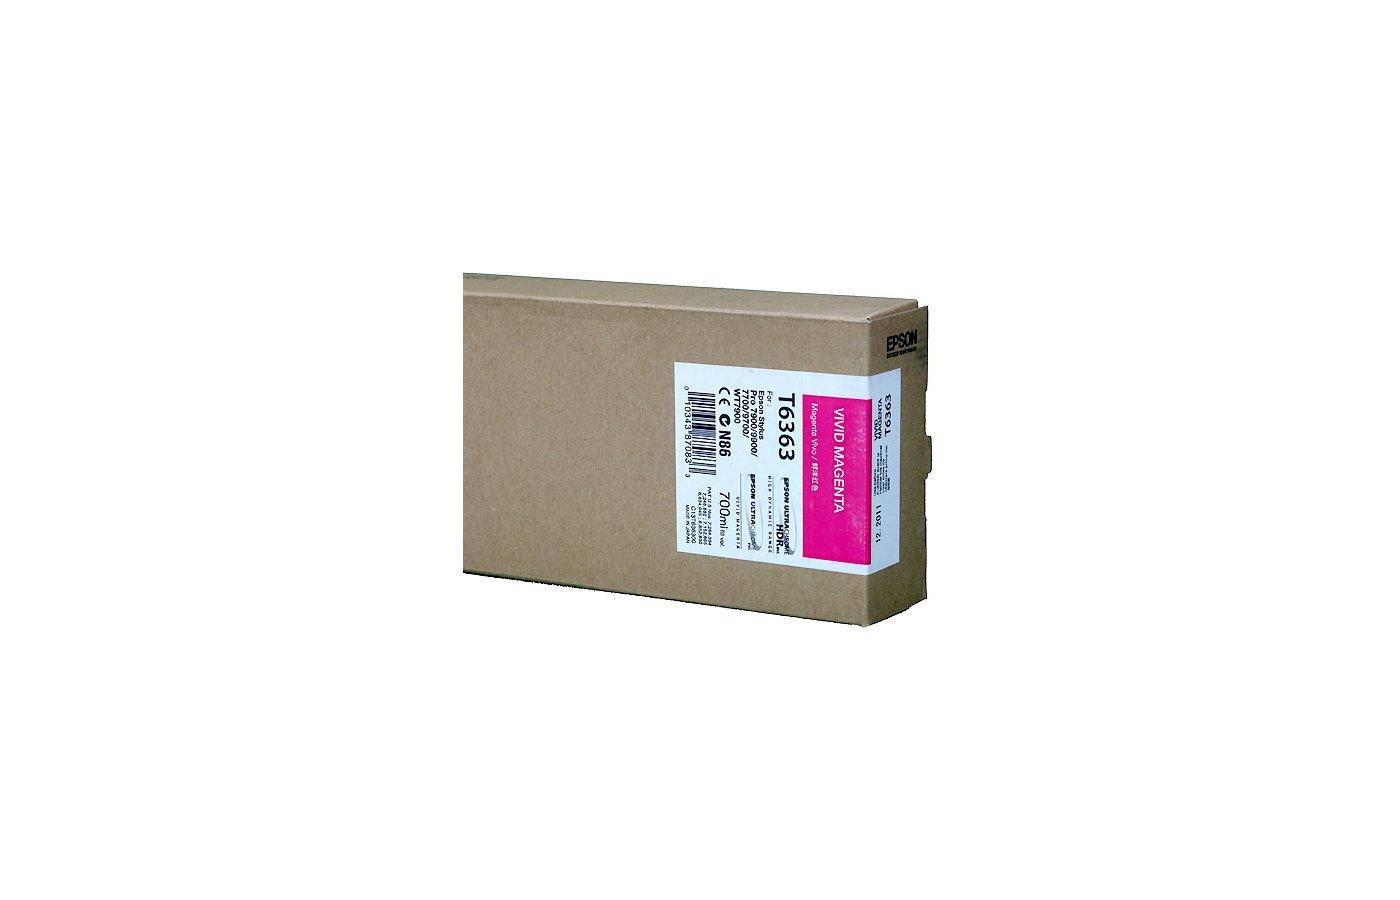 Картридж струйный Epson C13T636300 картридж (Vivid Magenta для Stylu PRO 7900/9900 (700ml) (насыщенный пурпурный))